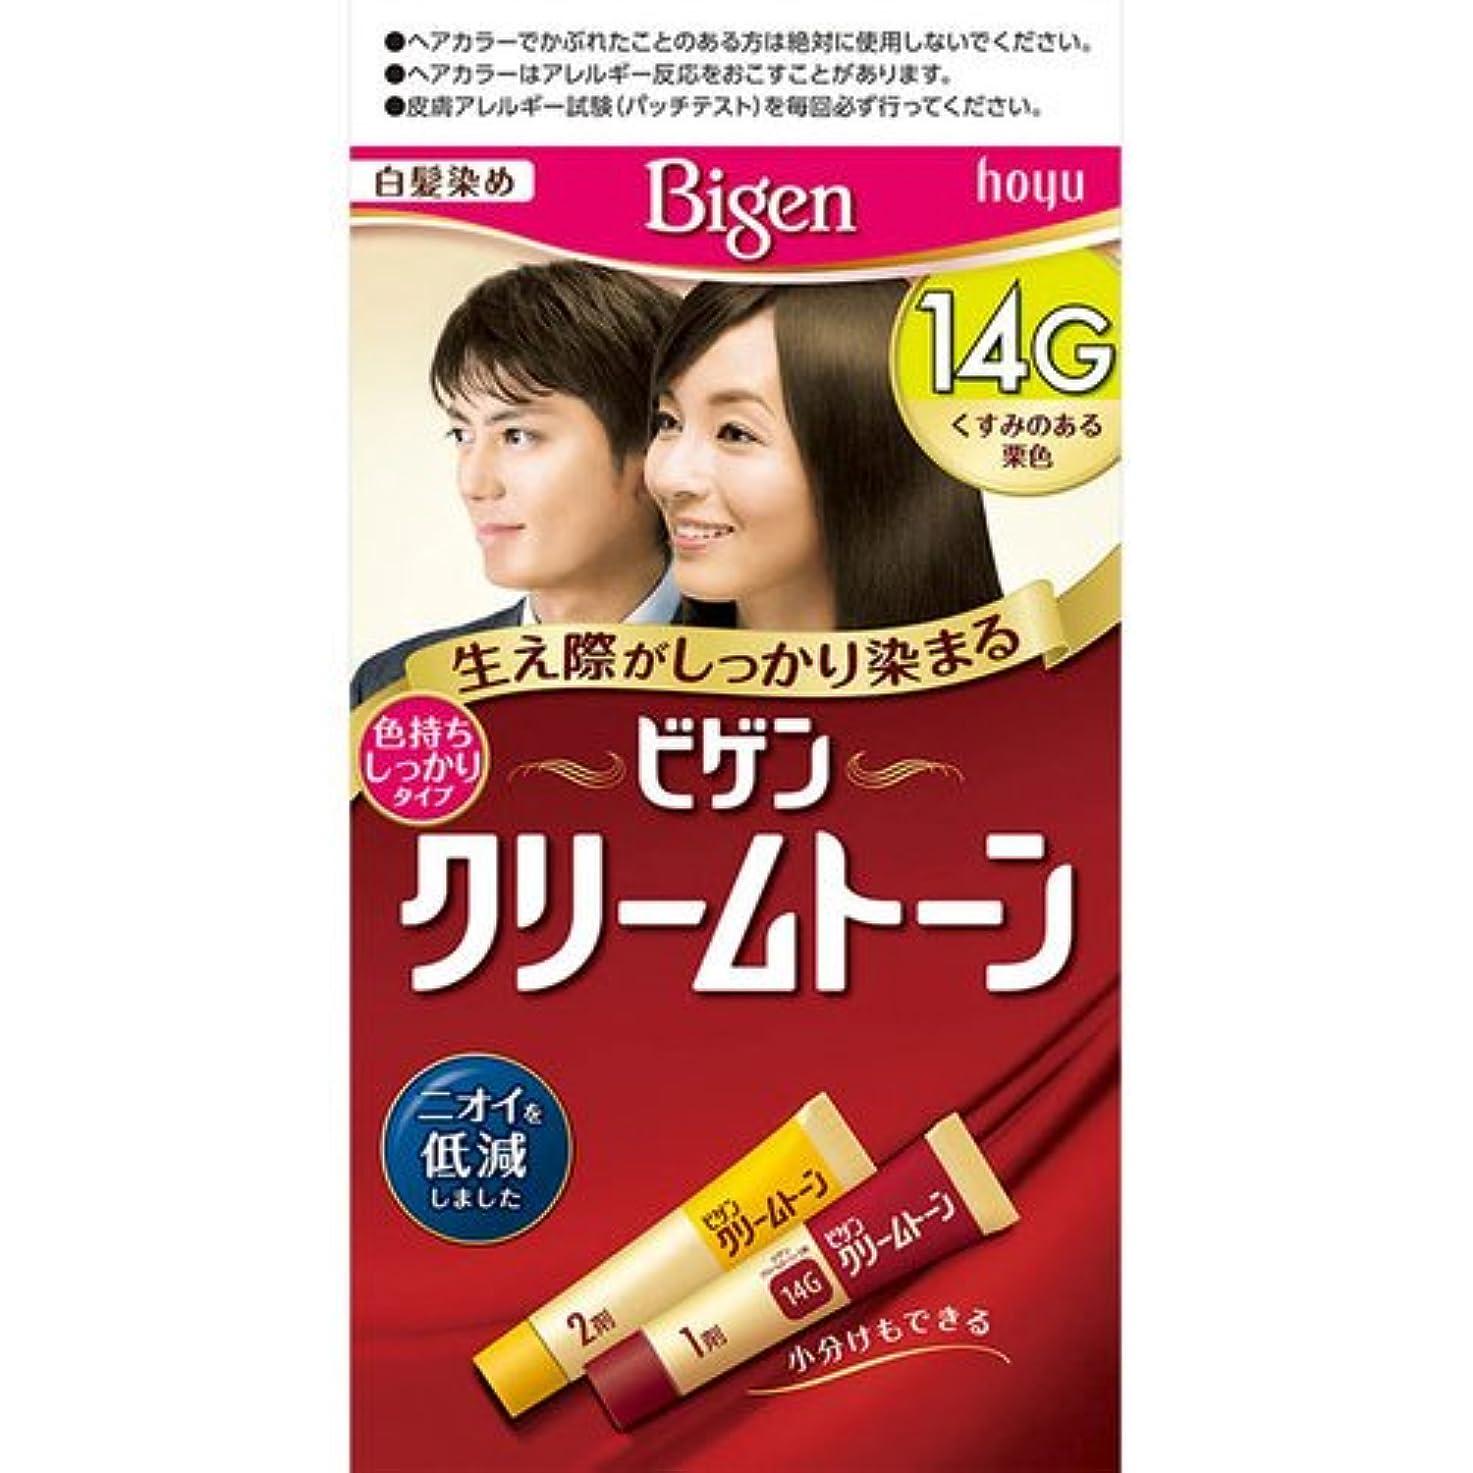 霜防腐剤ブリークビゲン クリームトーン 14G くすみのある栗色 40g+40g[医薬部外品]